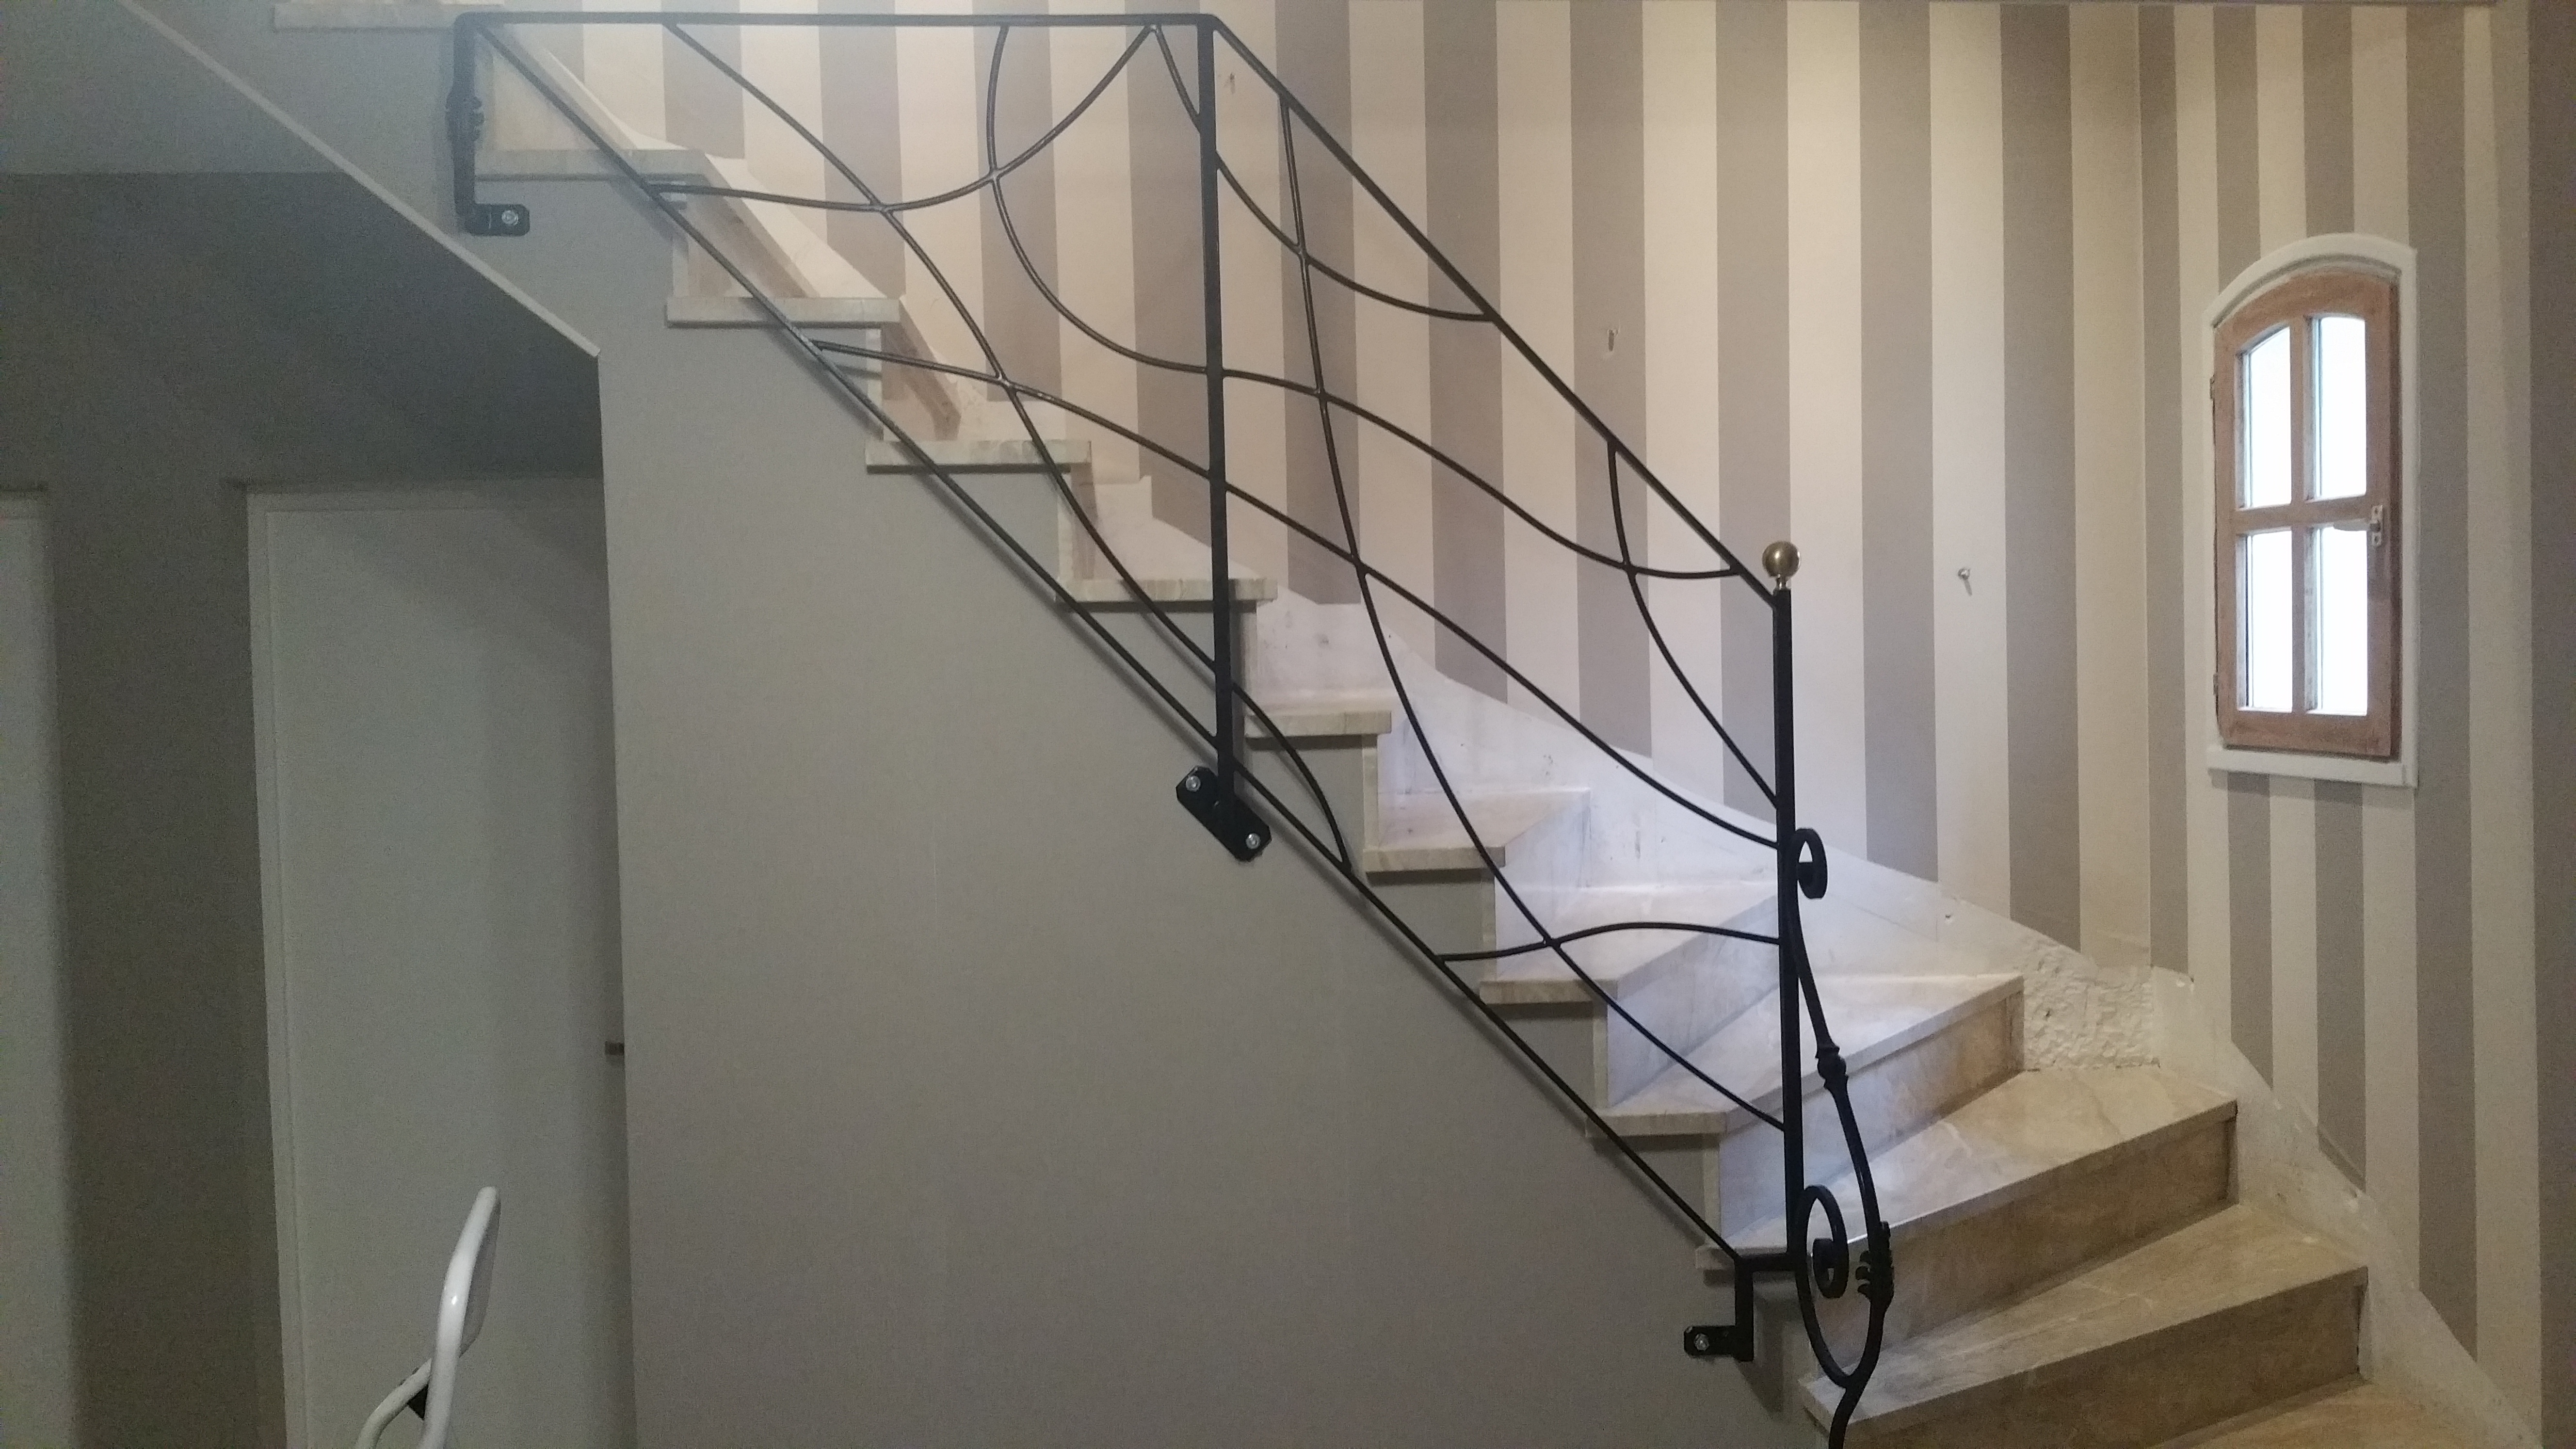 Gorps d'escalier